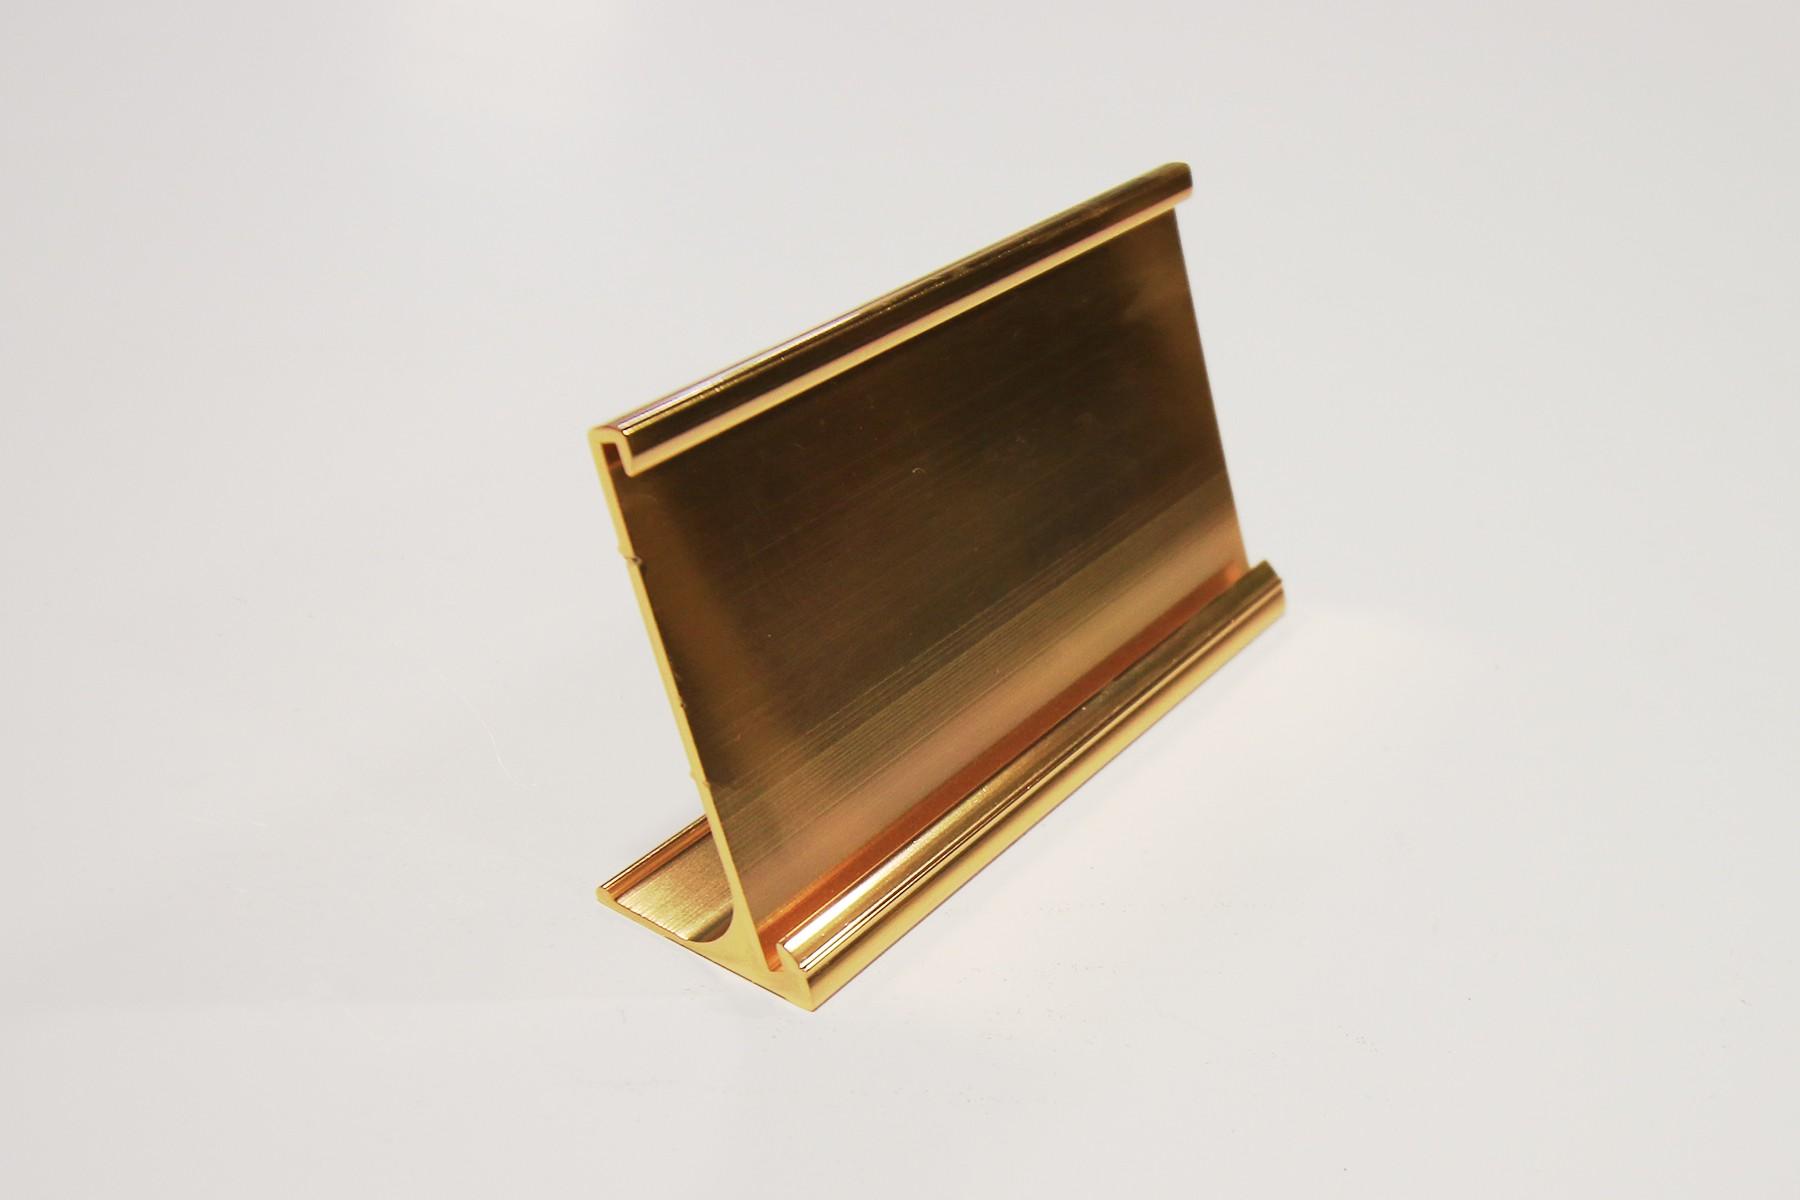 2 x 8 Desk Holder, Gold